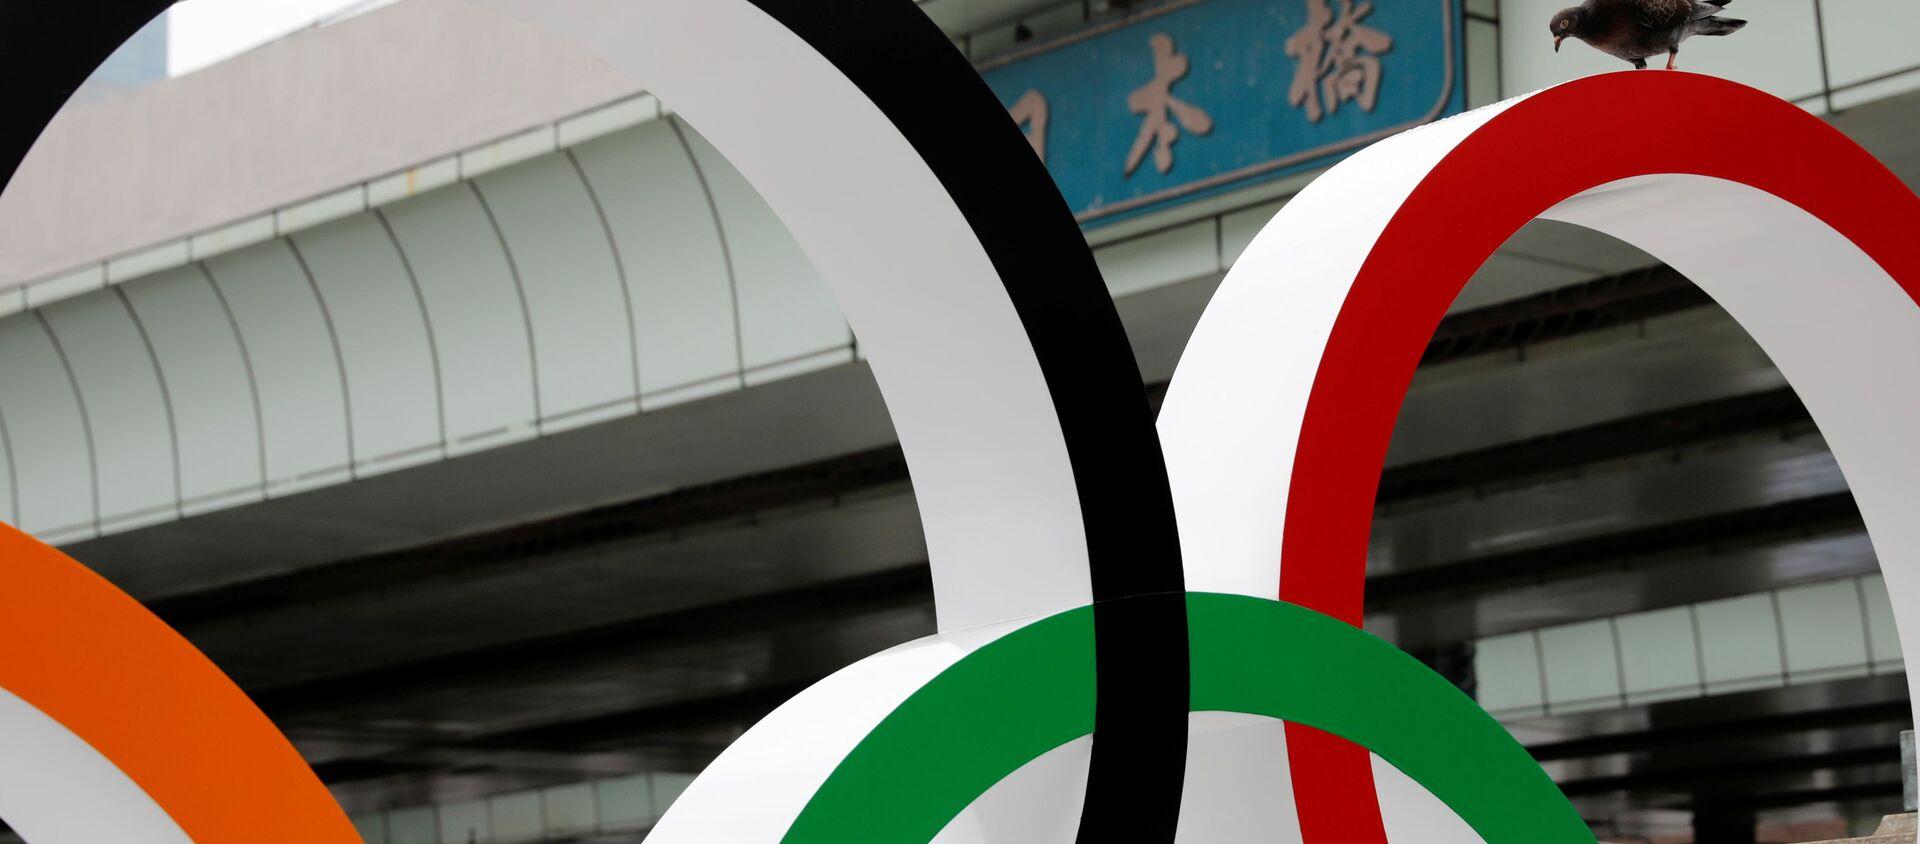 「ミュータントによる初の五輪?」:スポーツ界における遺伝子ドーピングの新たな事態について - Sputnik 日本, 1920, 13.07.2021